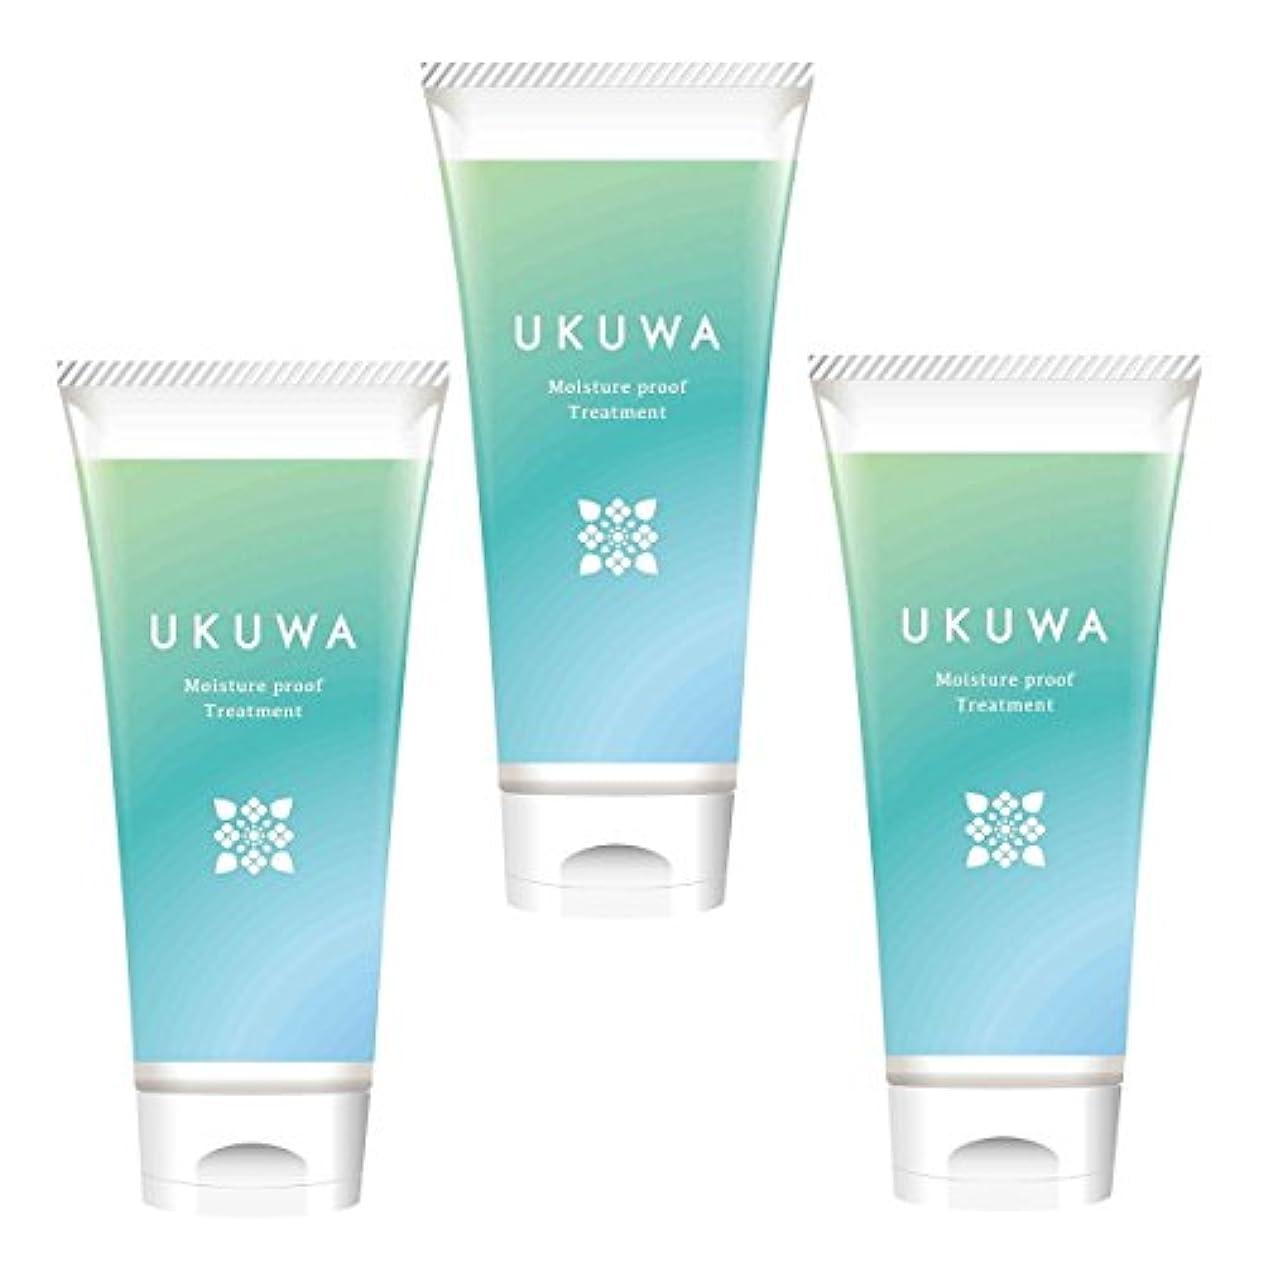 馬力前任者レースディアテック UKUWA(ウクワ)(雨花)モイスチャー プルーフ トリートメント 100g×3本セット